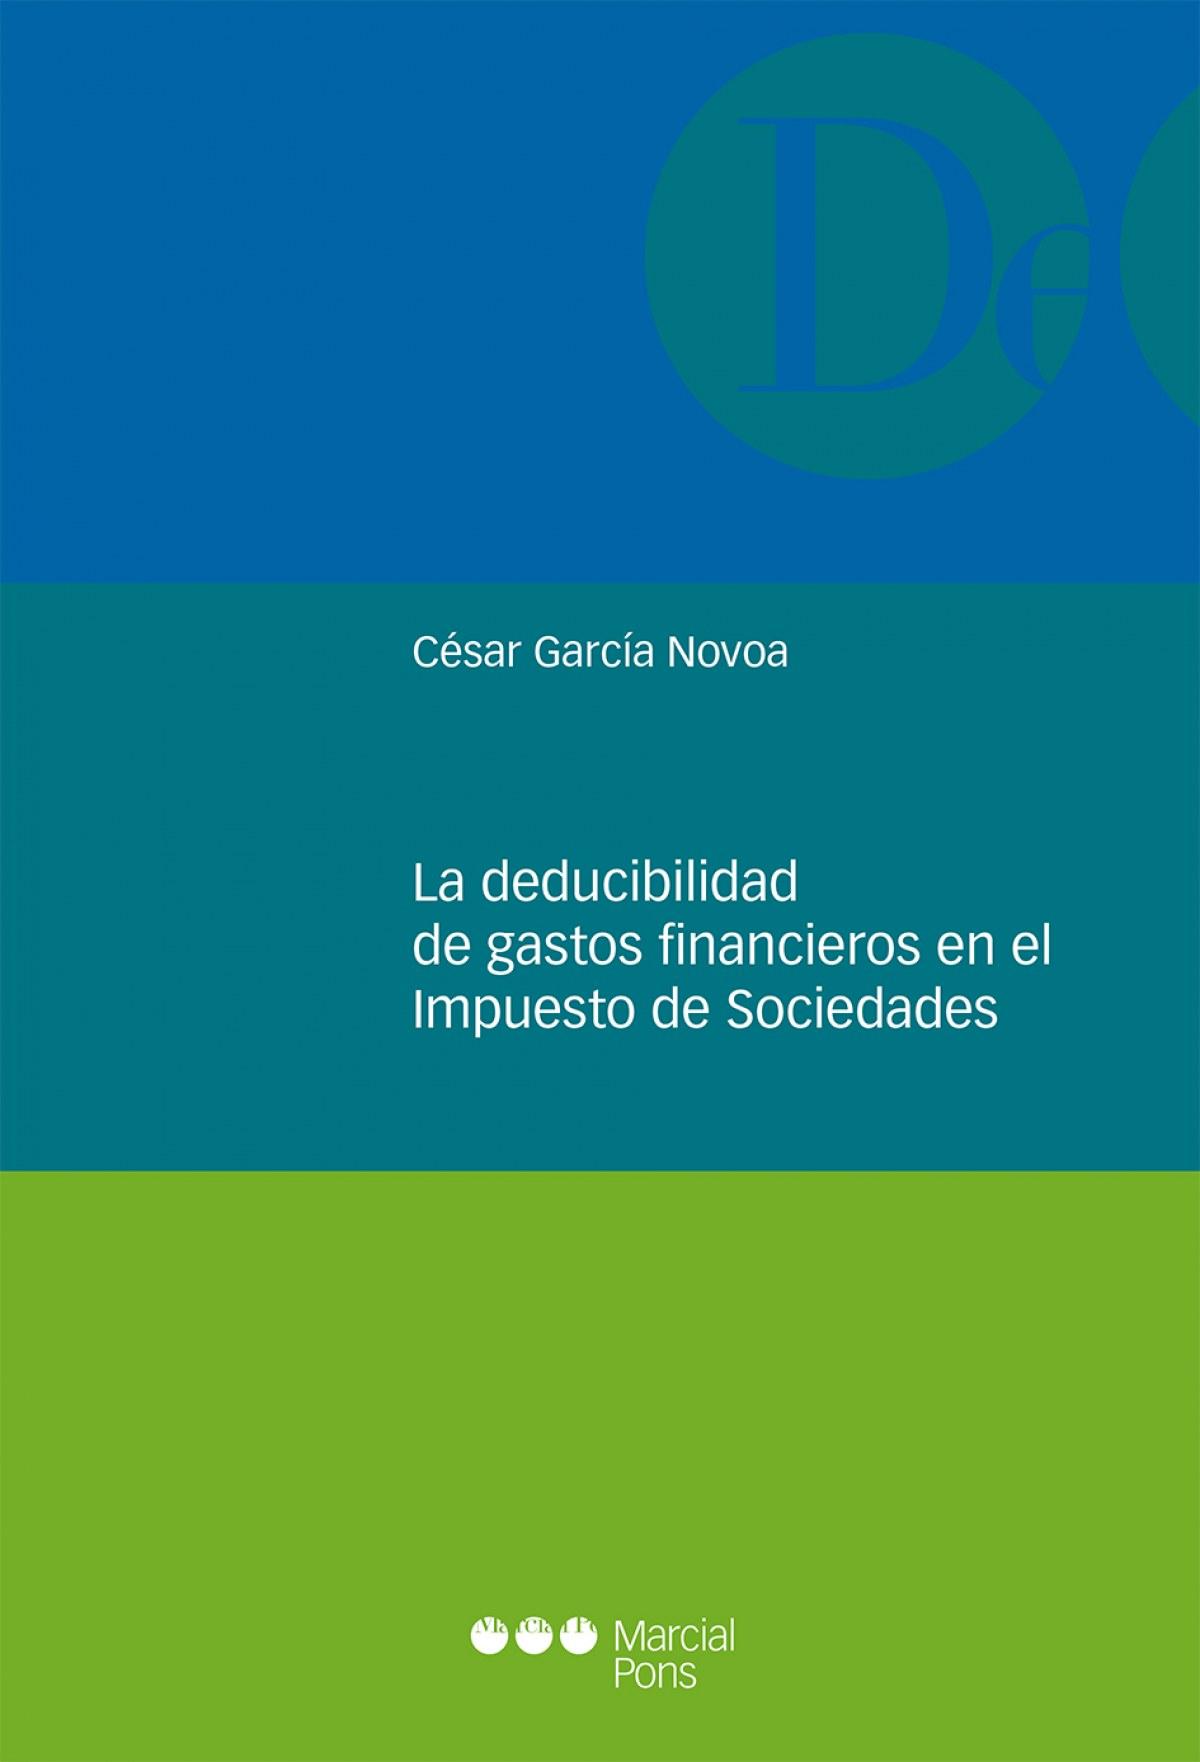 DEDUCIBILIDAD DE GASTOS FINANCIEROS EN EL IMPUESTO DE SOCIEDADES